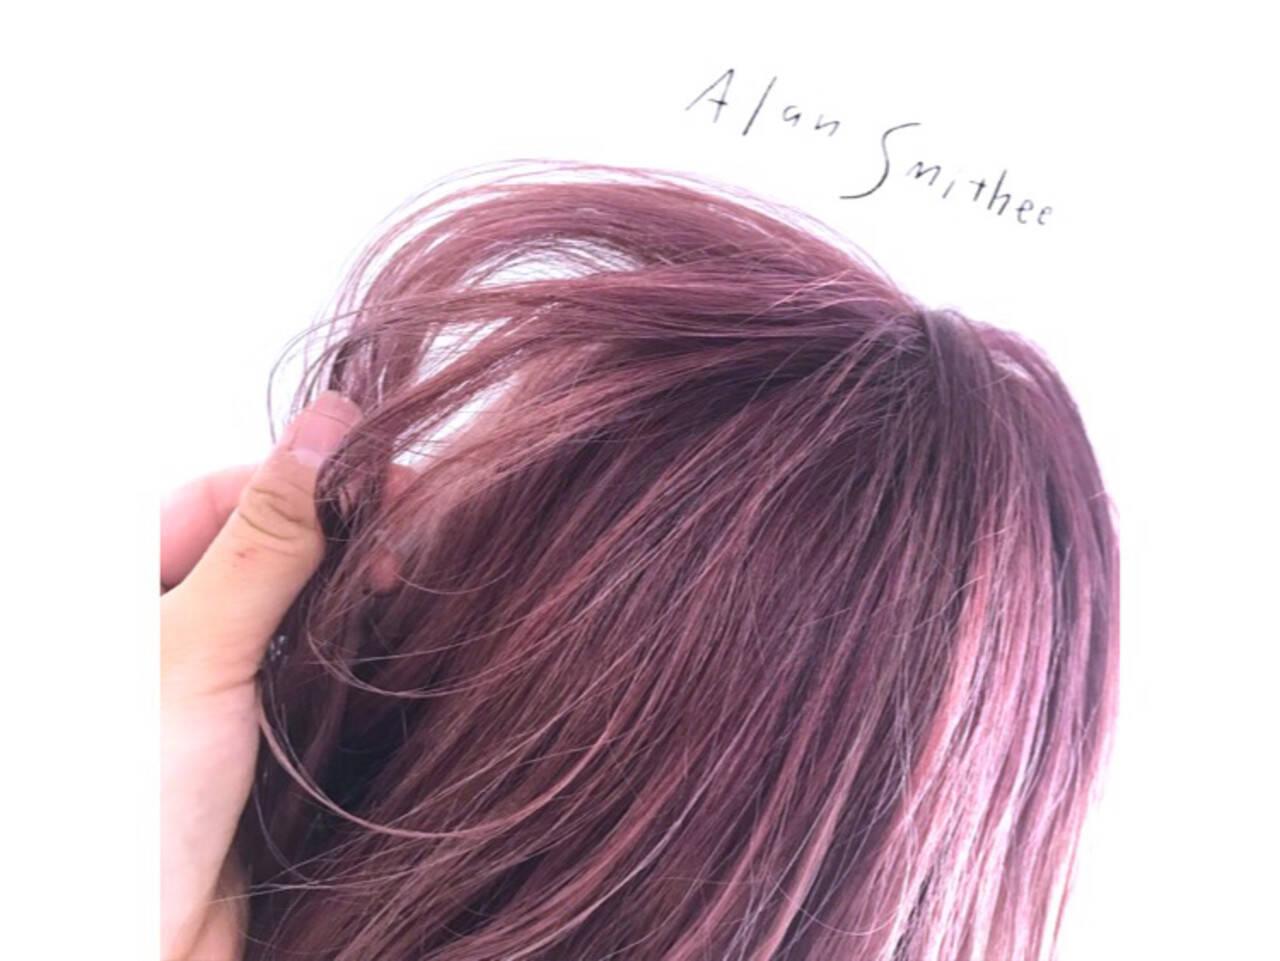 ベリーピンク ラベンダーピンク 波ウェーブ ウェーブヘアスタイルや髪型の写真・画像